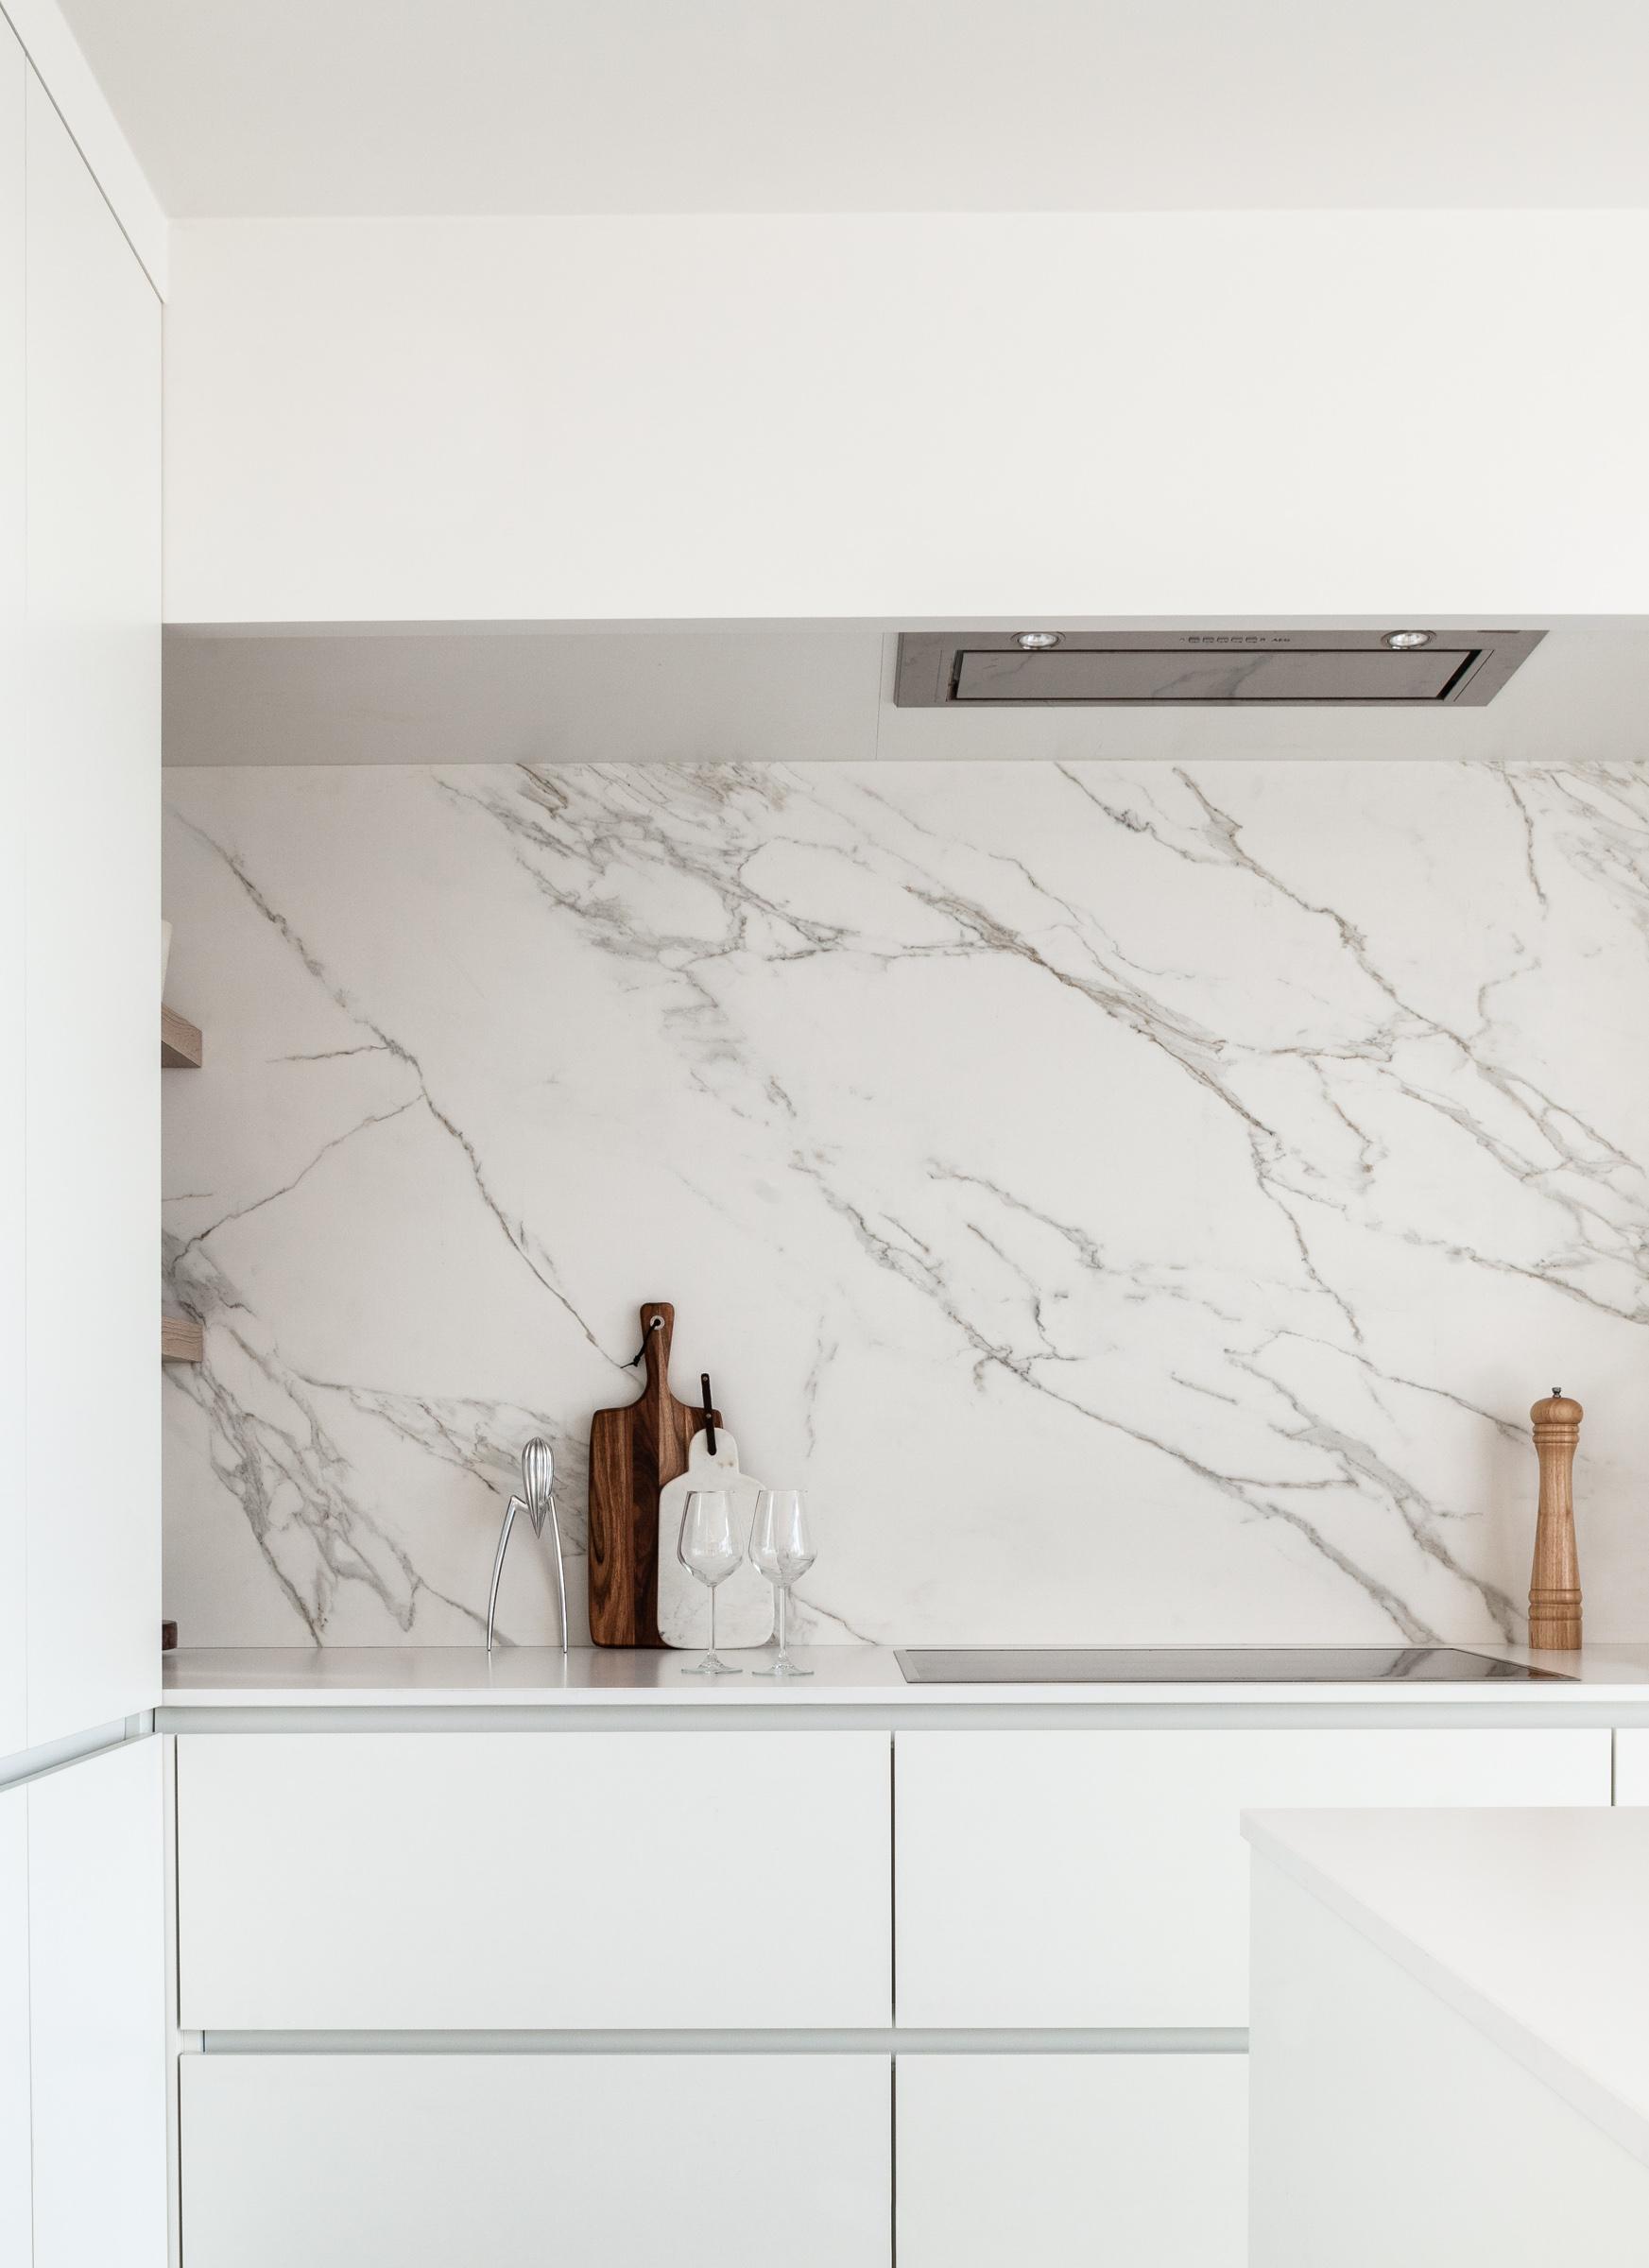 Residentie S shot for Van Damme - Vandeputte architecten